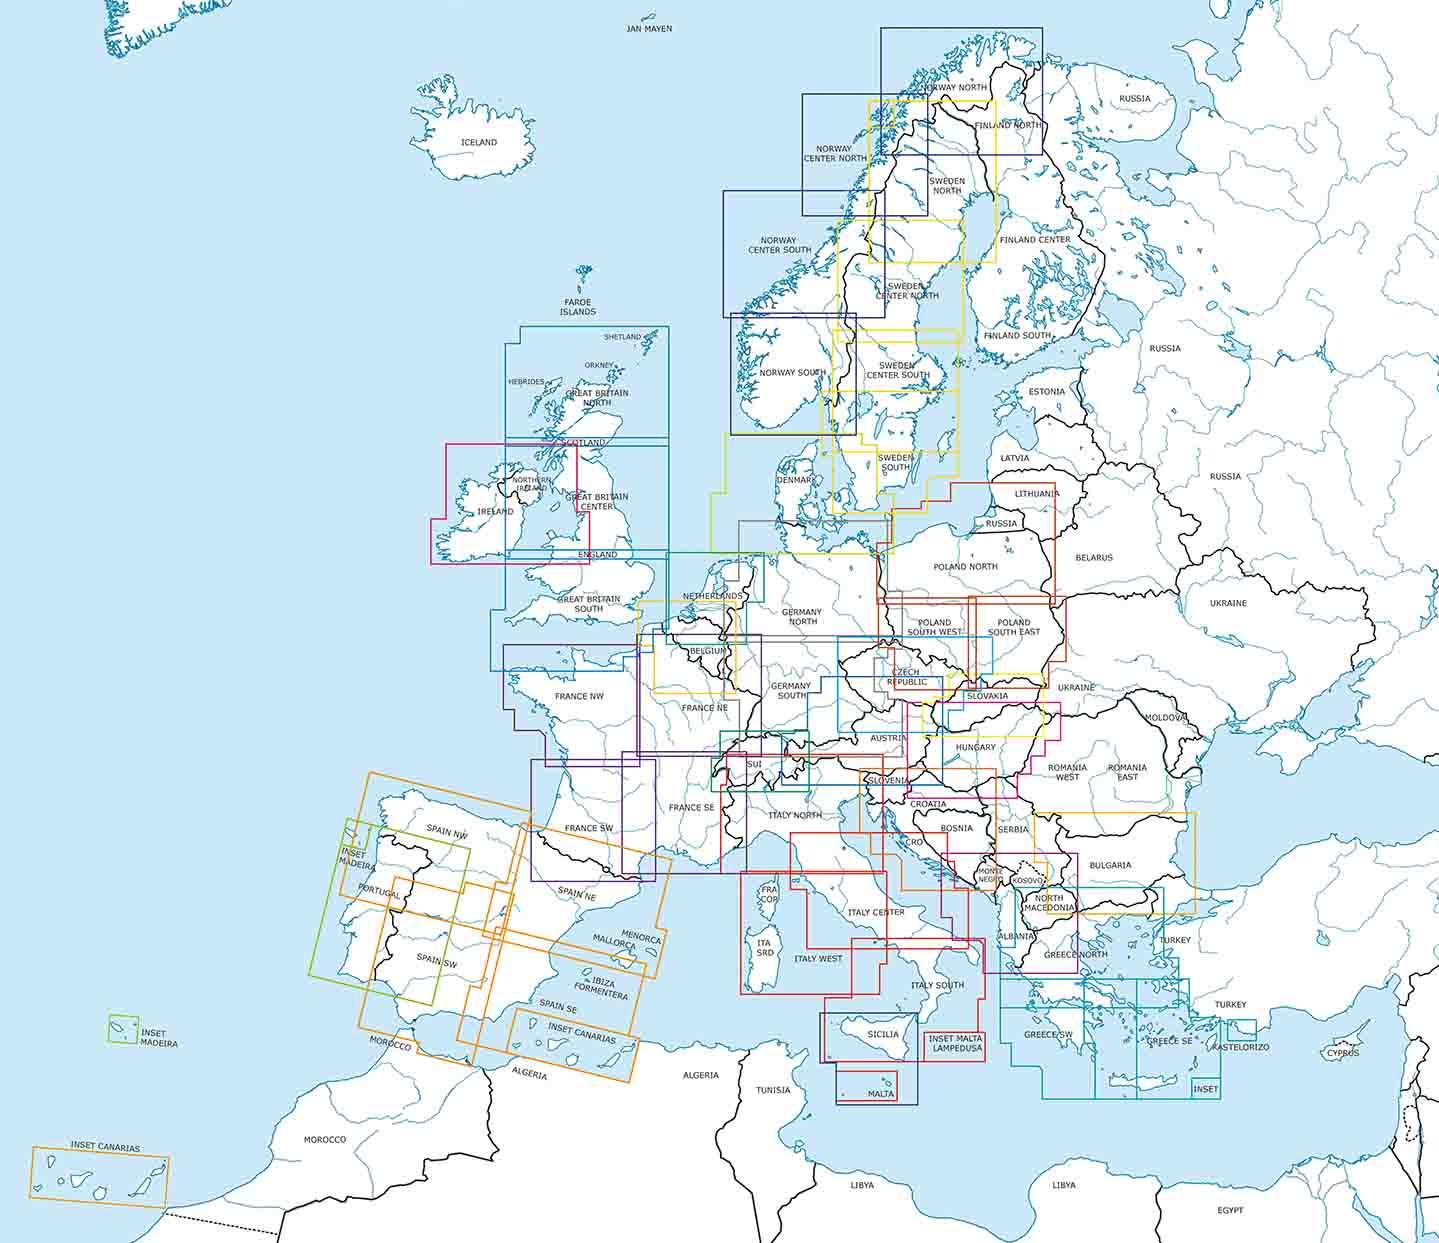 VFR Luftfahrtkarten ICAO Karten 2021